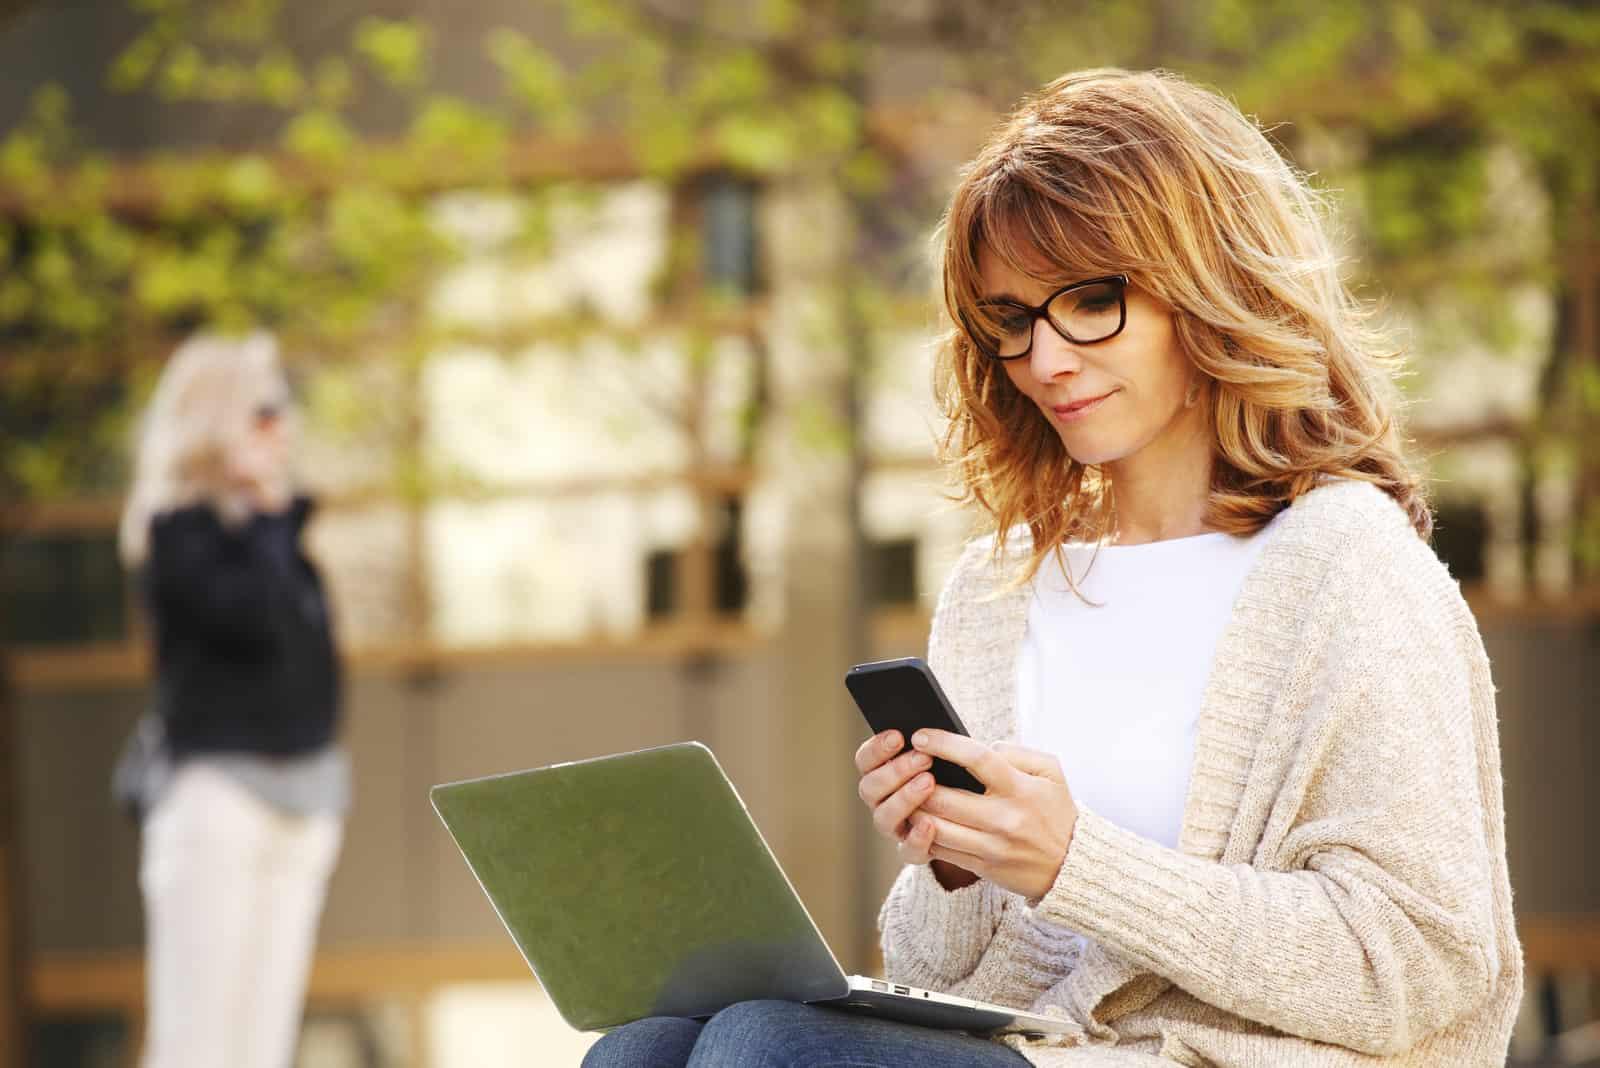 femme assise et bouton sur le téléphone